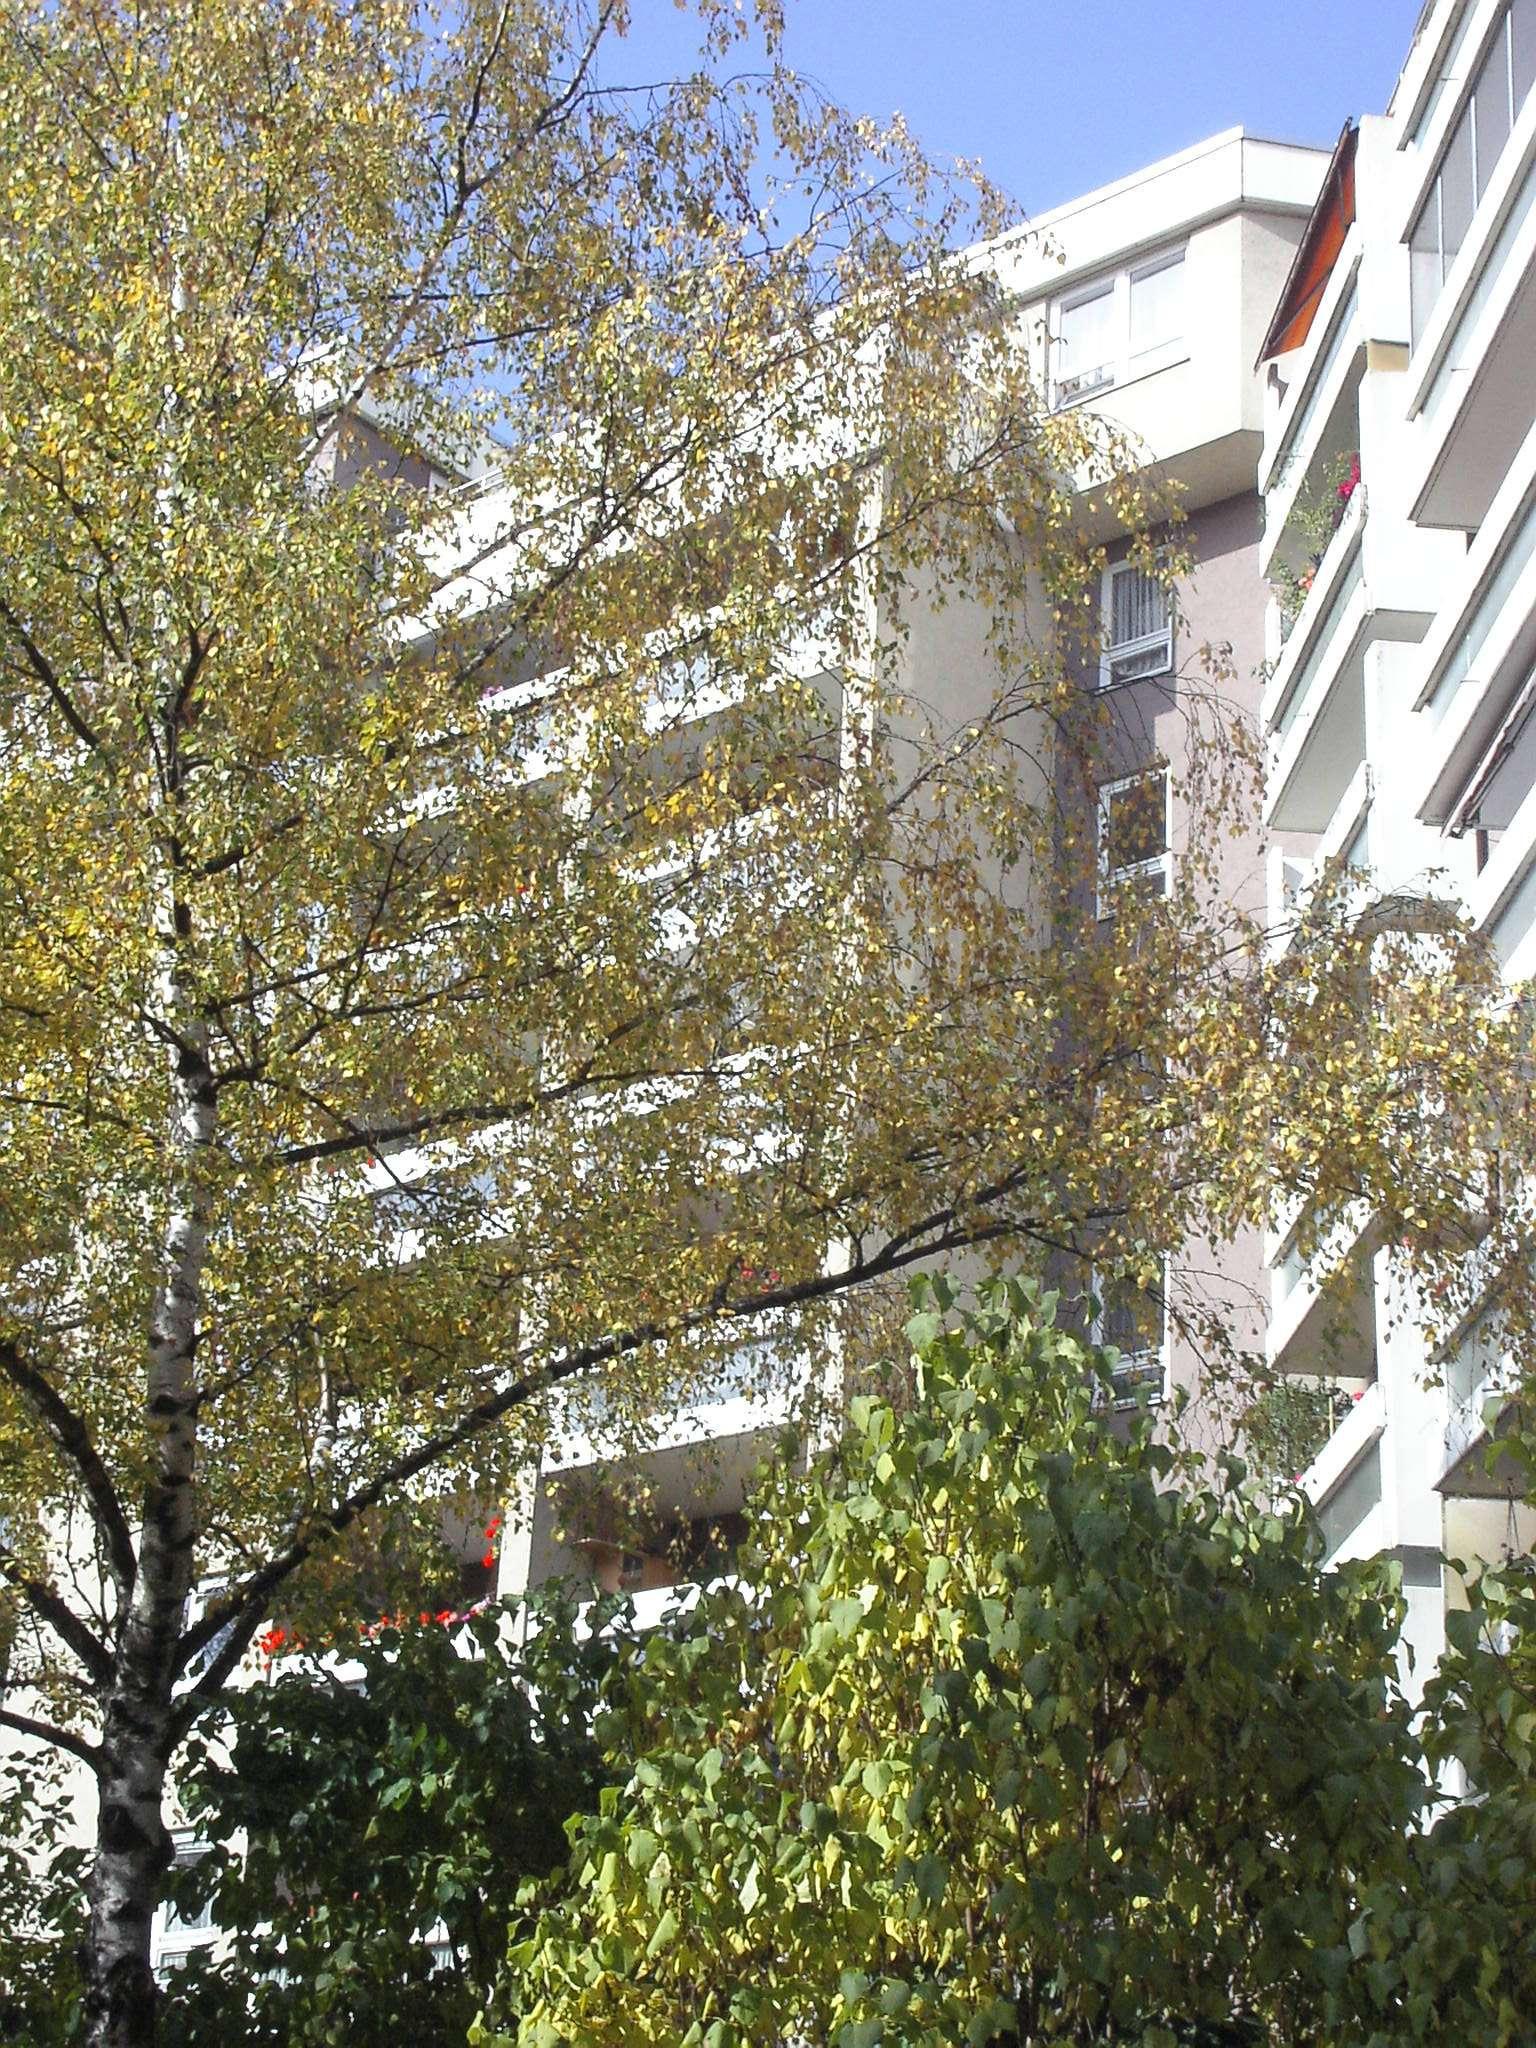 Schöne 2-Zimmer Wohnung mit Balkon ab dem 01.11.2019 zu vermieten in Augsburg-Innenstadt